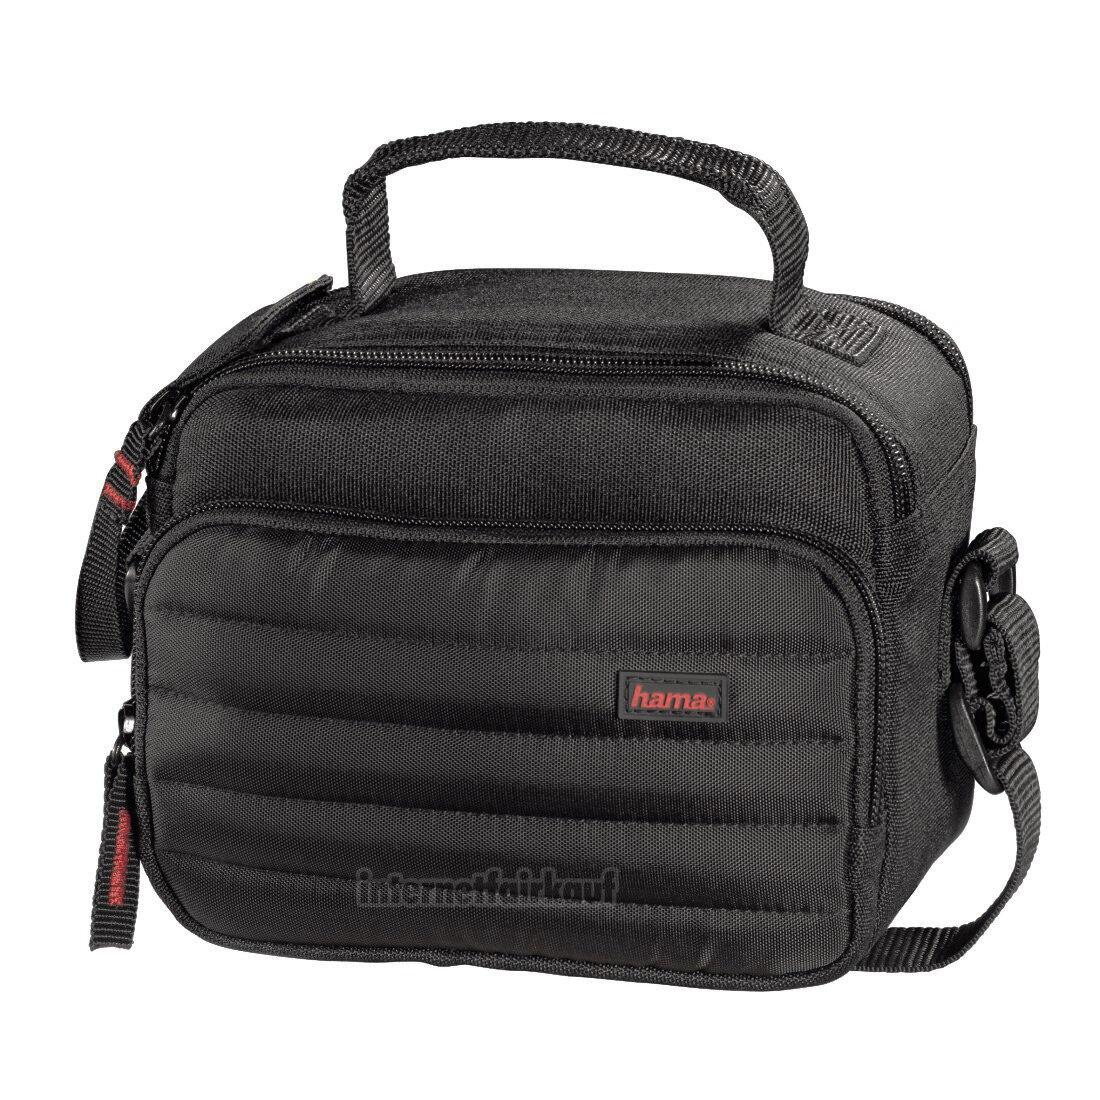 Foto-Tasche passend für Canon PowerShot SX70HS - Kamera-Tasche